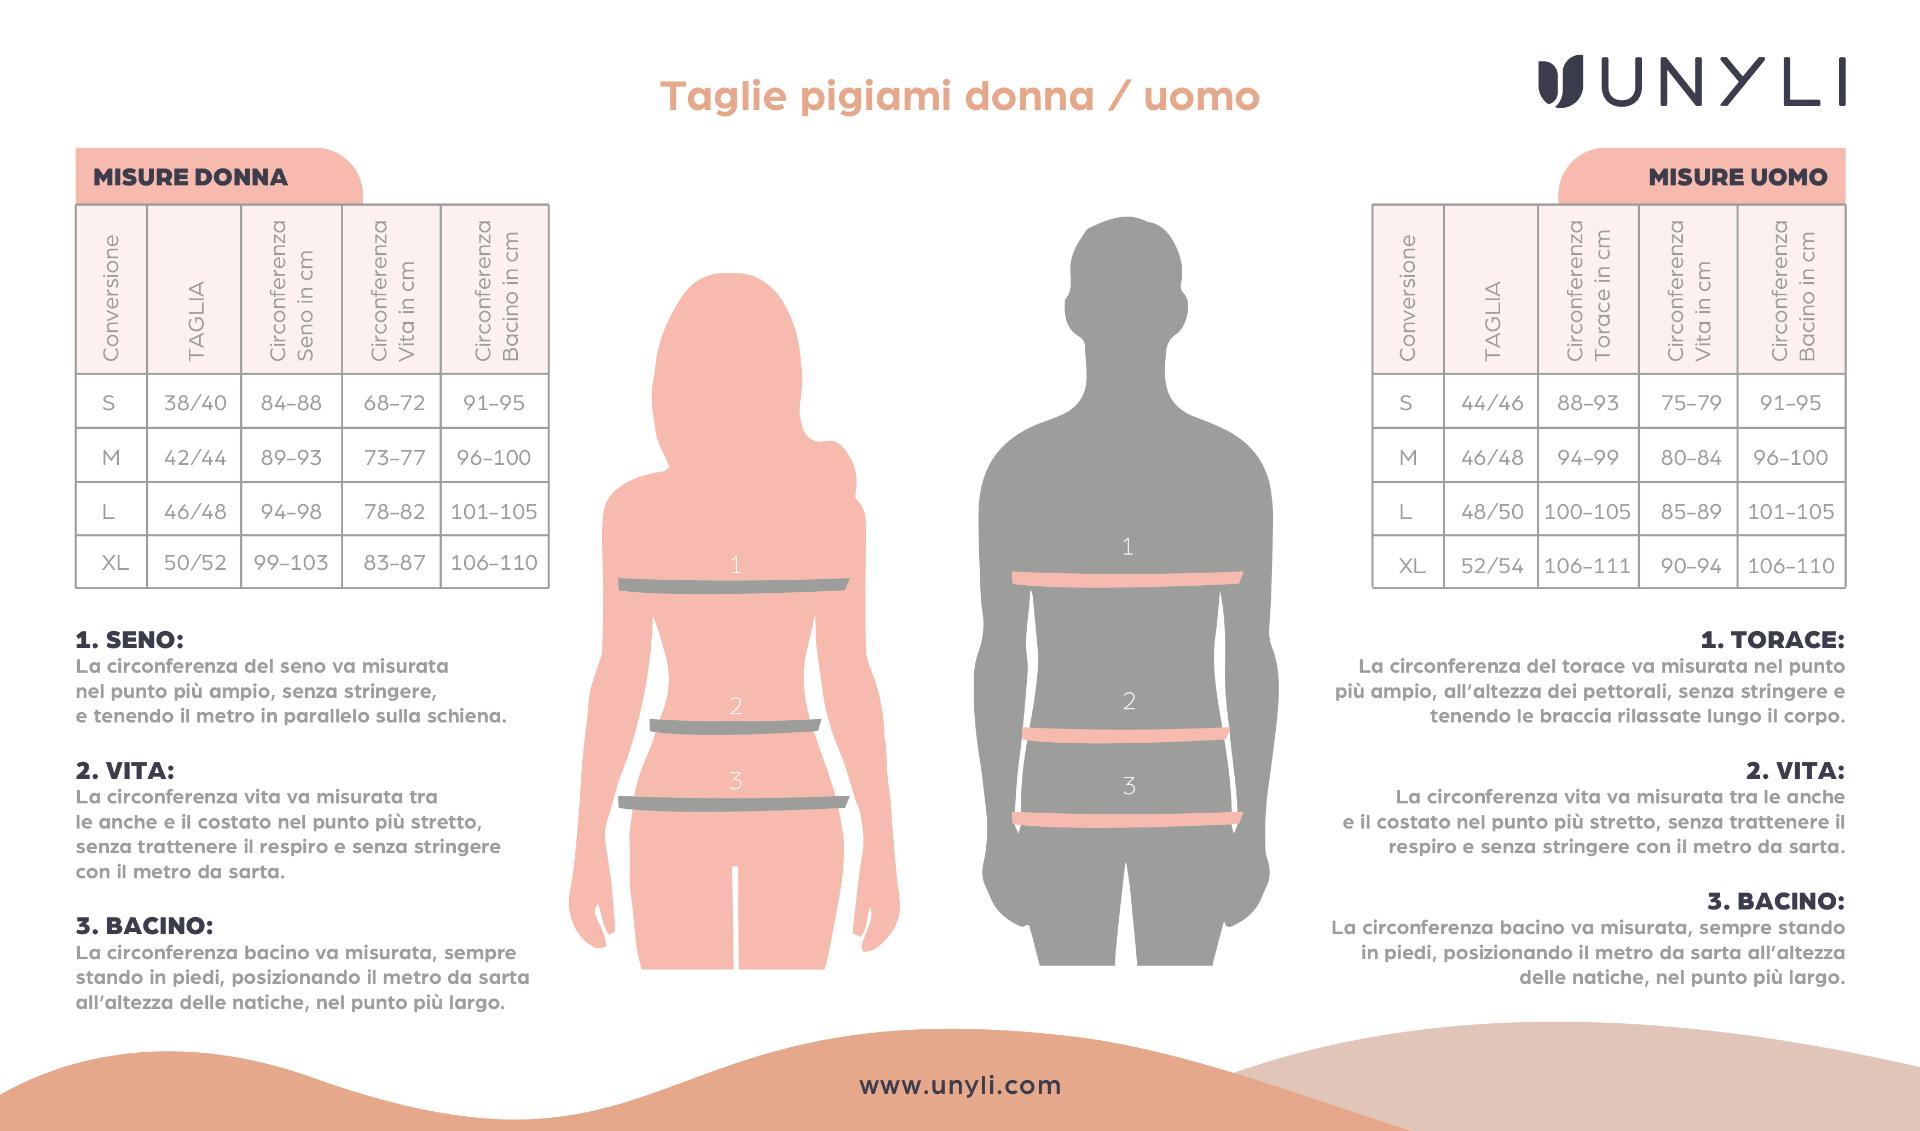 tabella-pigiami-uomo-donna